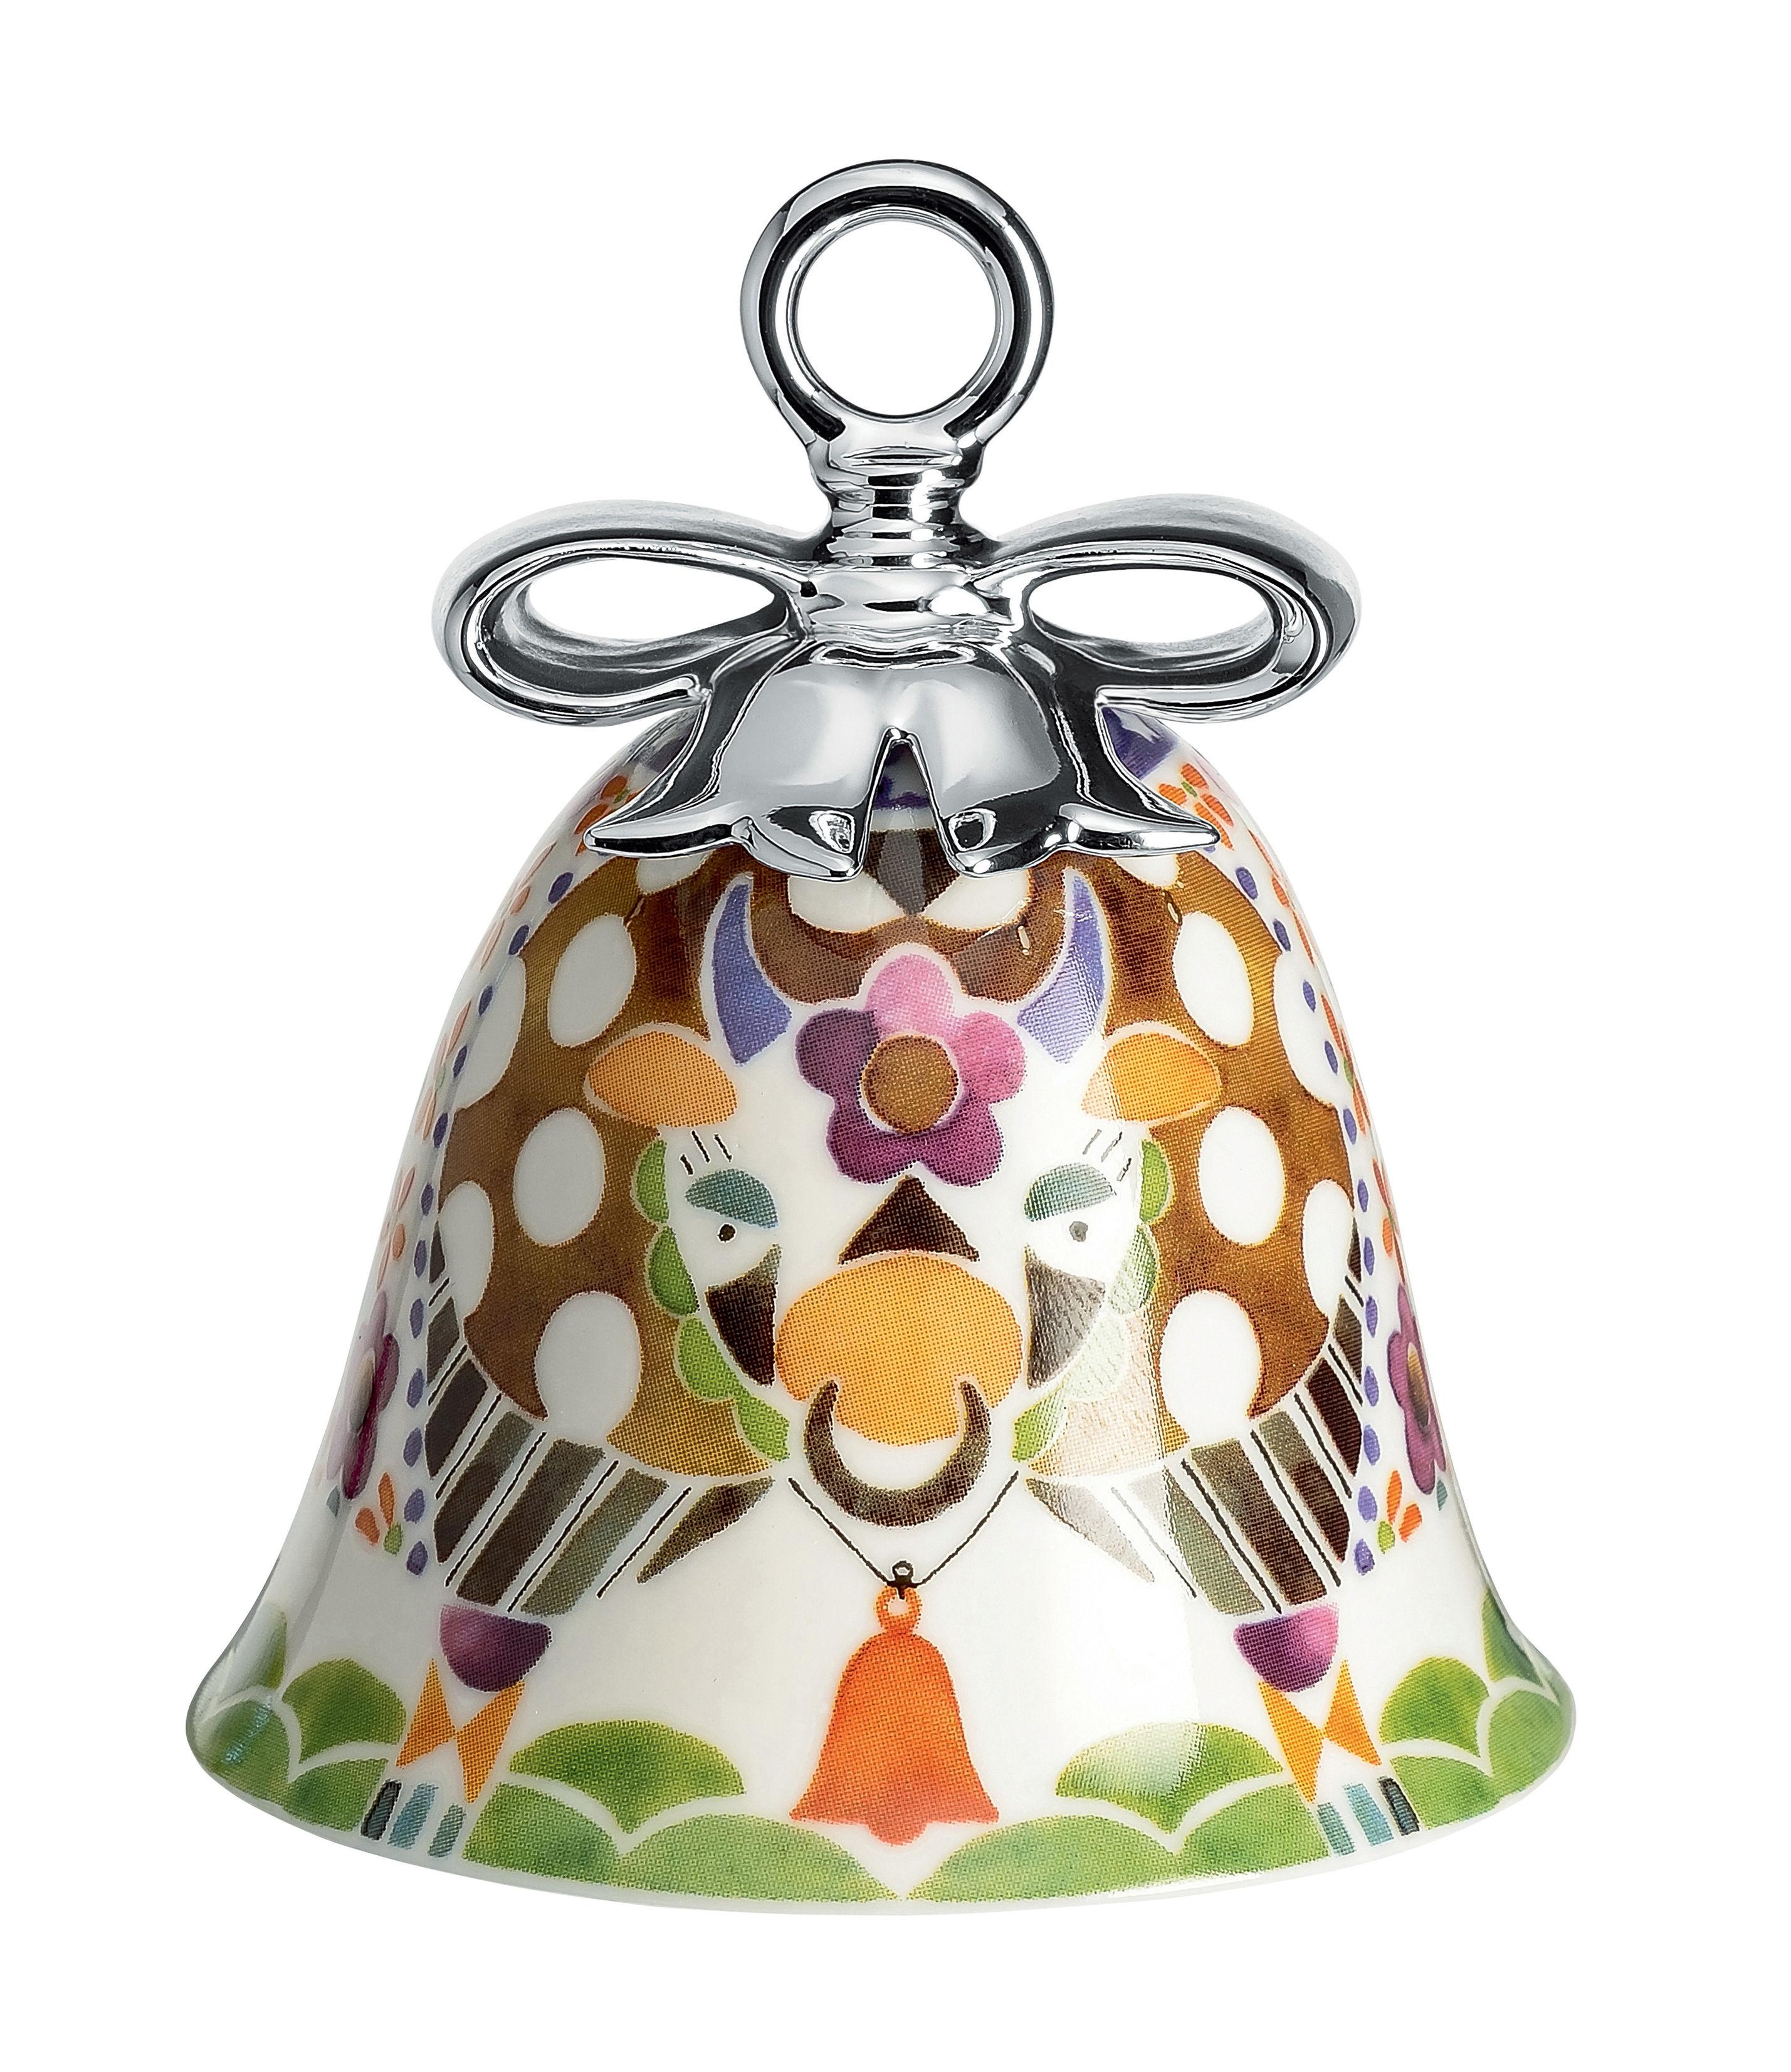 Déco - Objets déco et cadres-photos - Boule de Noël Holy Family / Cloche Le Boeuf - Porcelaine peinte main - Alessi - Le Bœuf / Multicolore - Porcelaine peinte